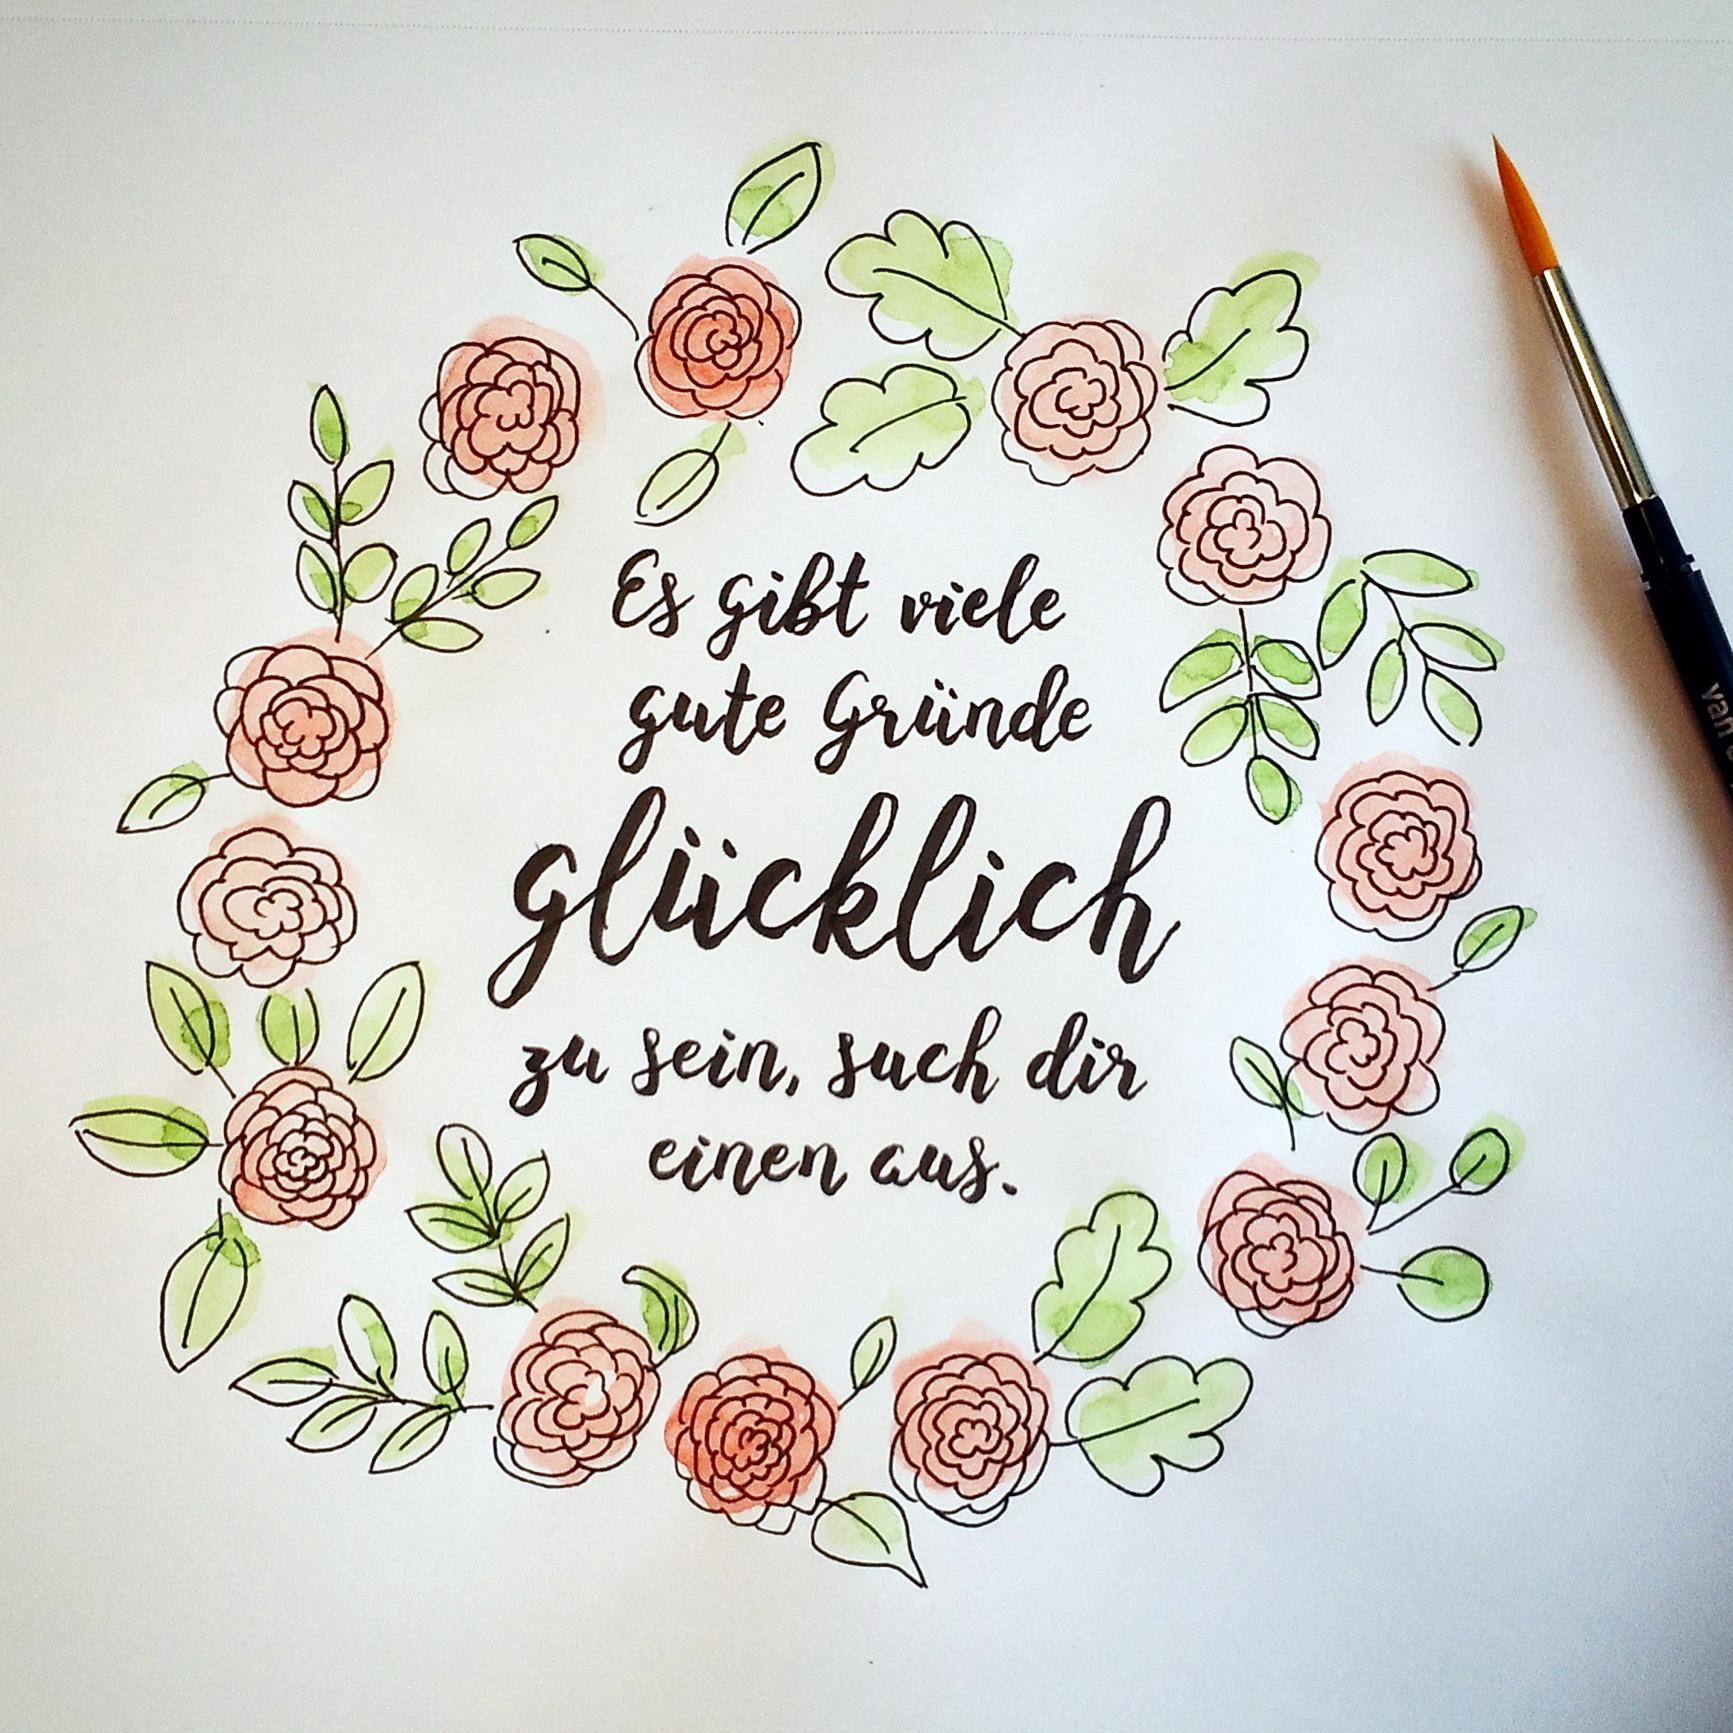 Lettering: 5 Sprüche, die glücklich machen | des OR mad (by Oliver